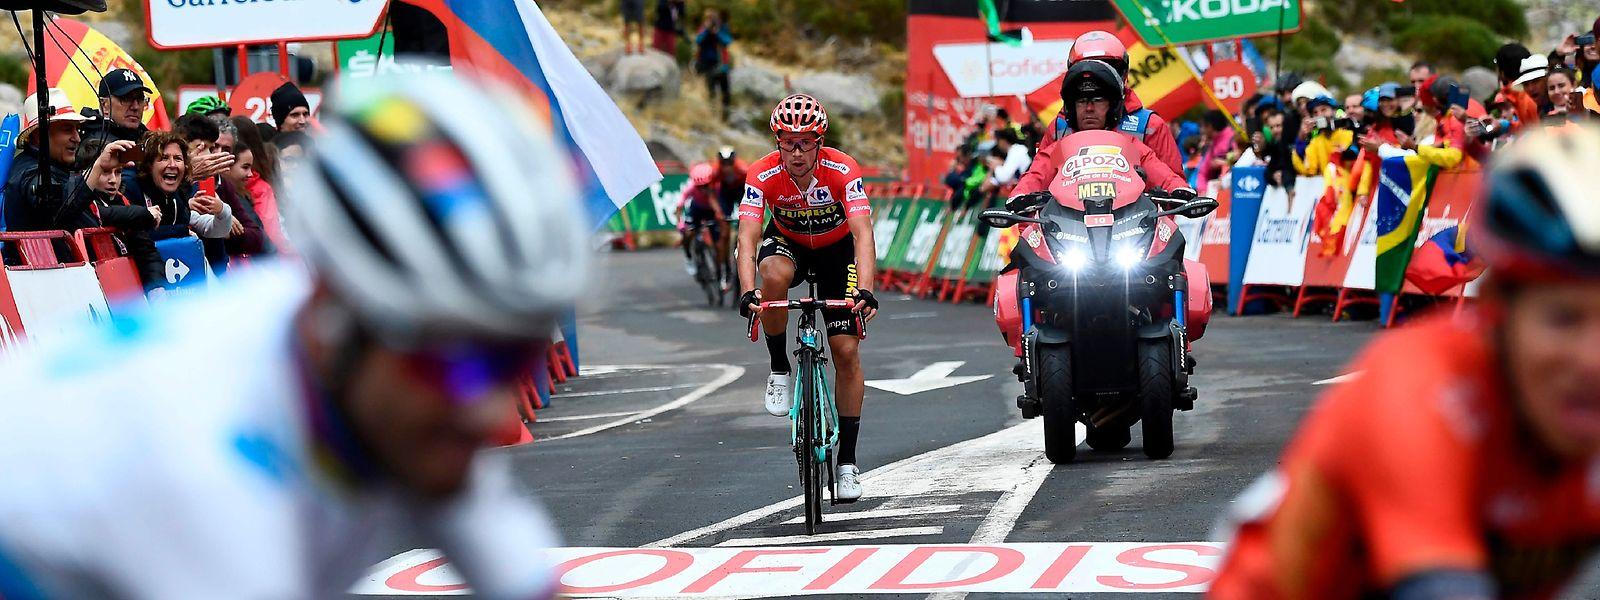 Primoz Roglic (Mitte) hat im Ziel nur wenige Sekunden Rückstand auf seinen ärgsten Verfolger Alejandro Valverde (vorne links).